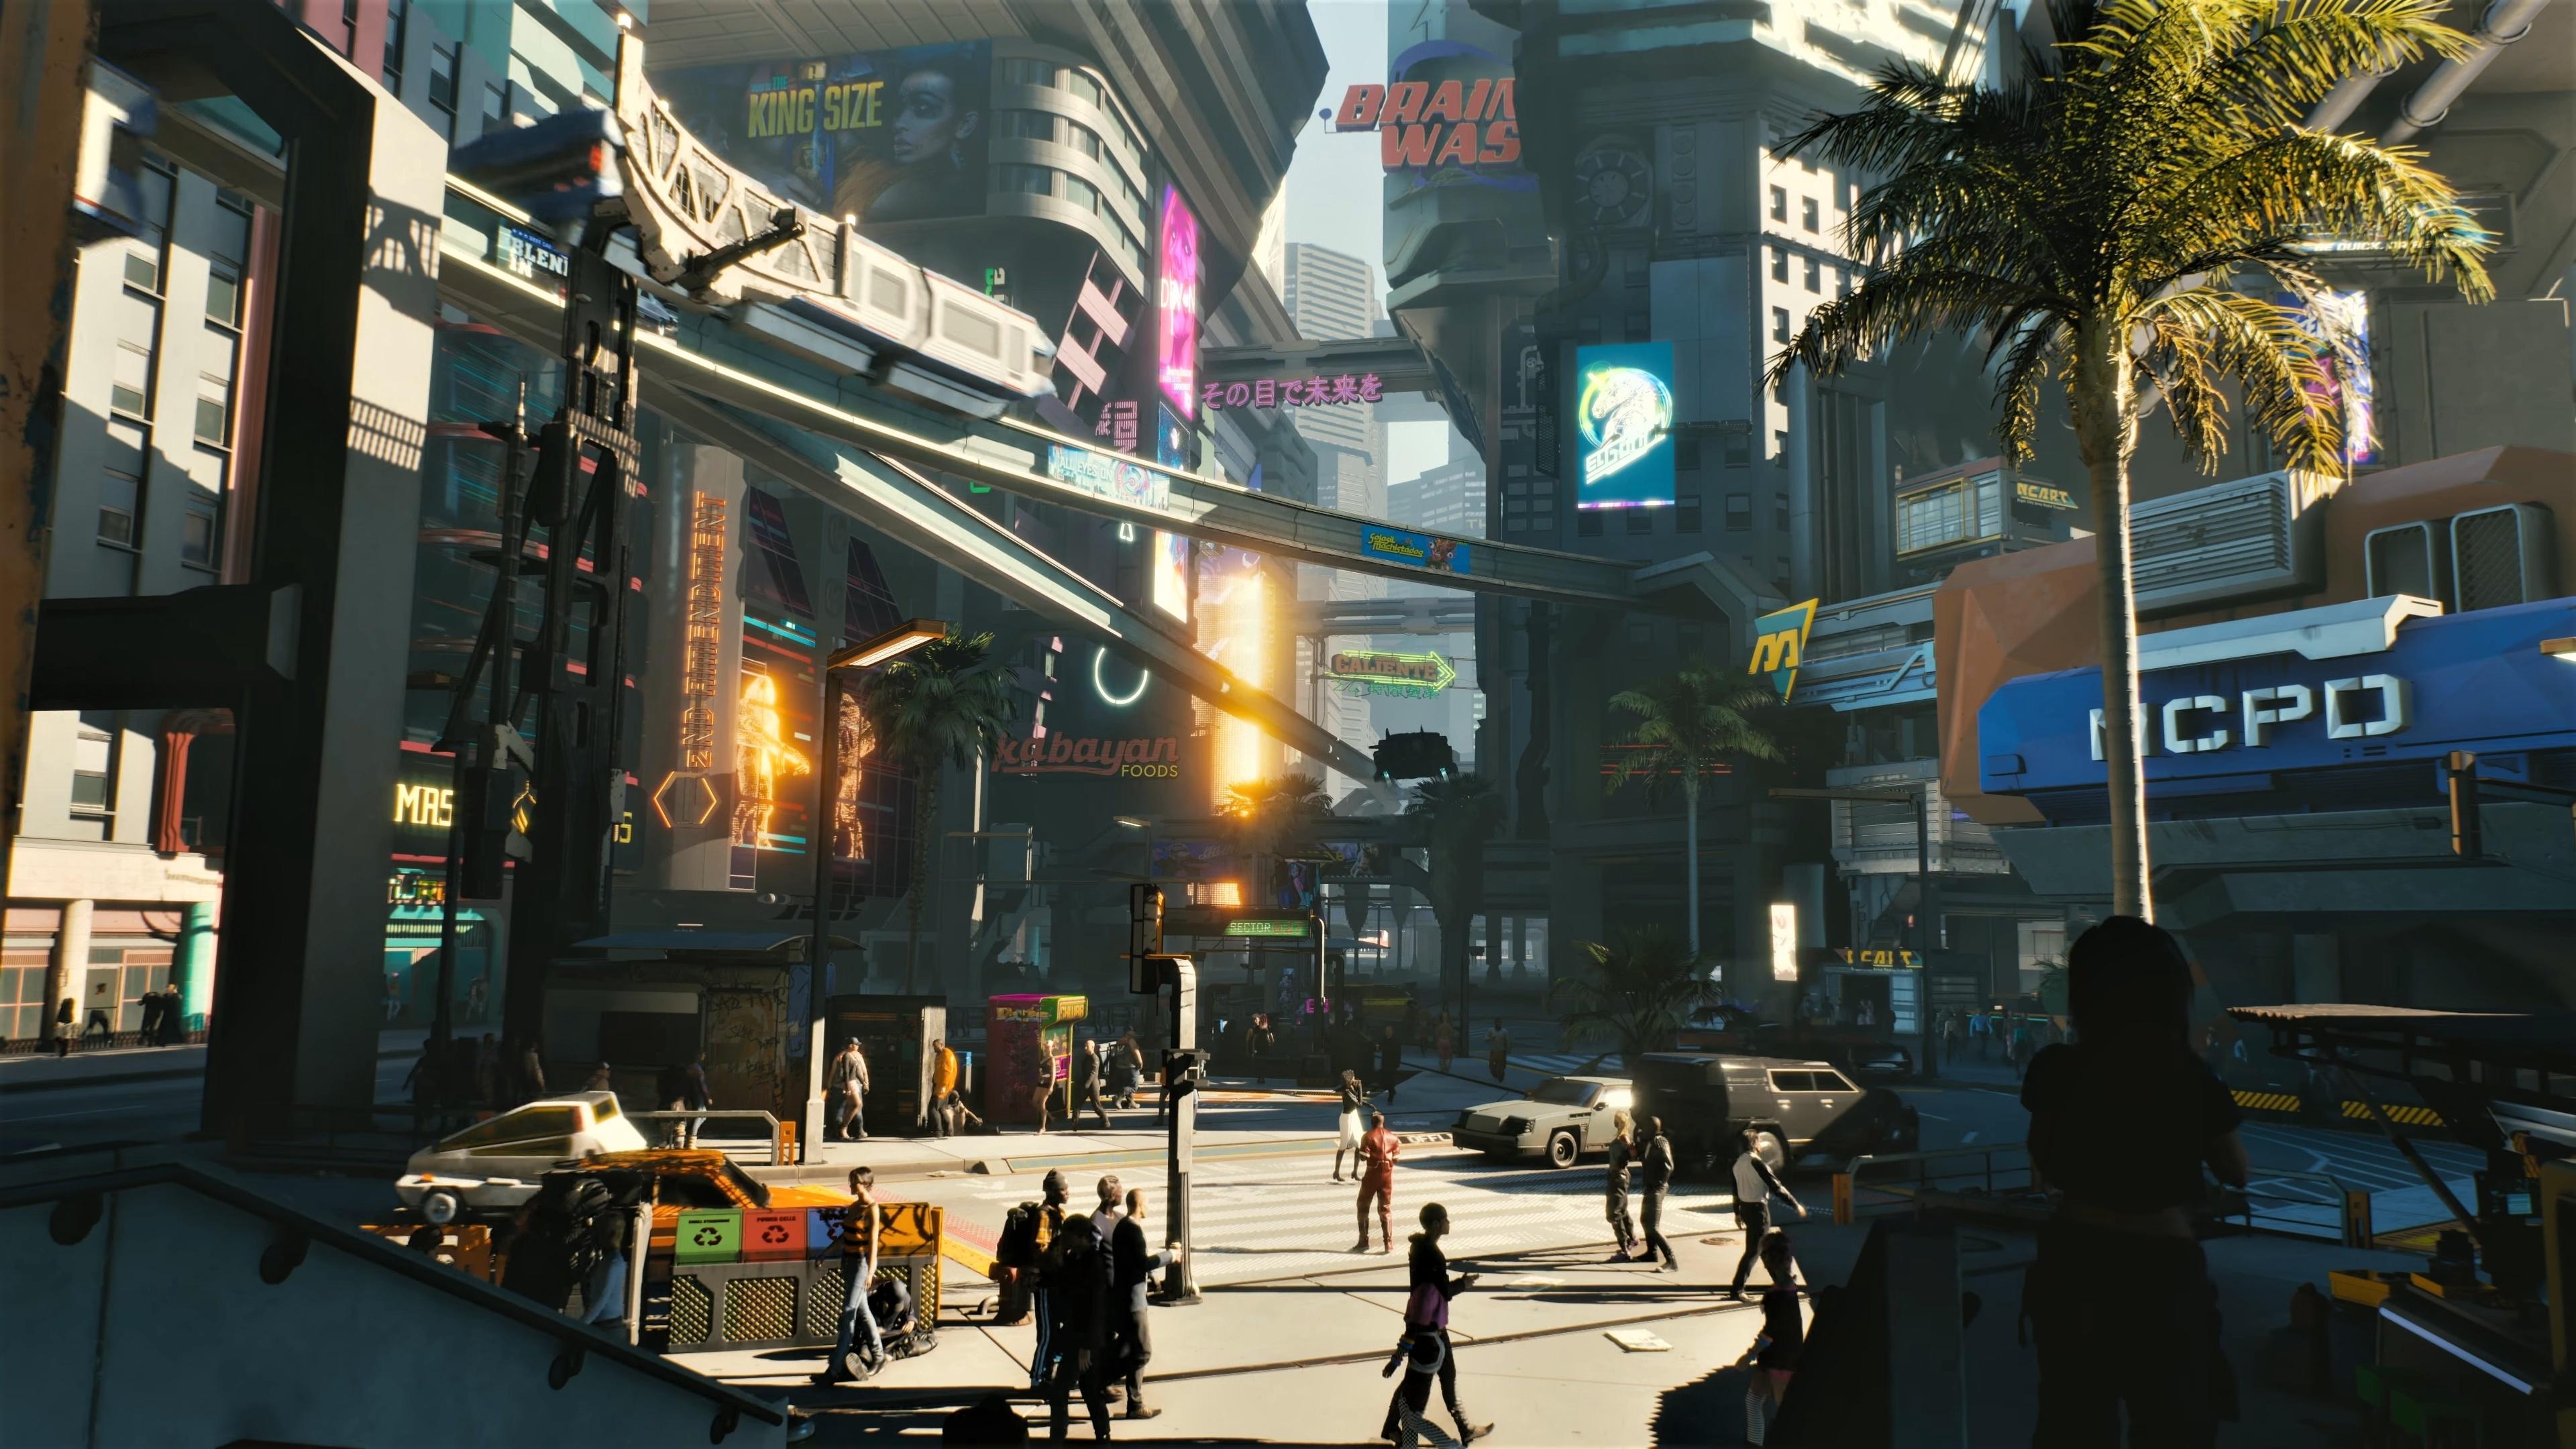 Cyberpunk 2077 City Wallpaper: Download 3840x2400 Wallpaper Modern City, Cyberpunk 2077